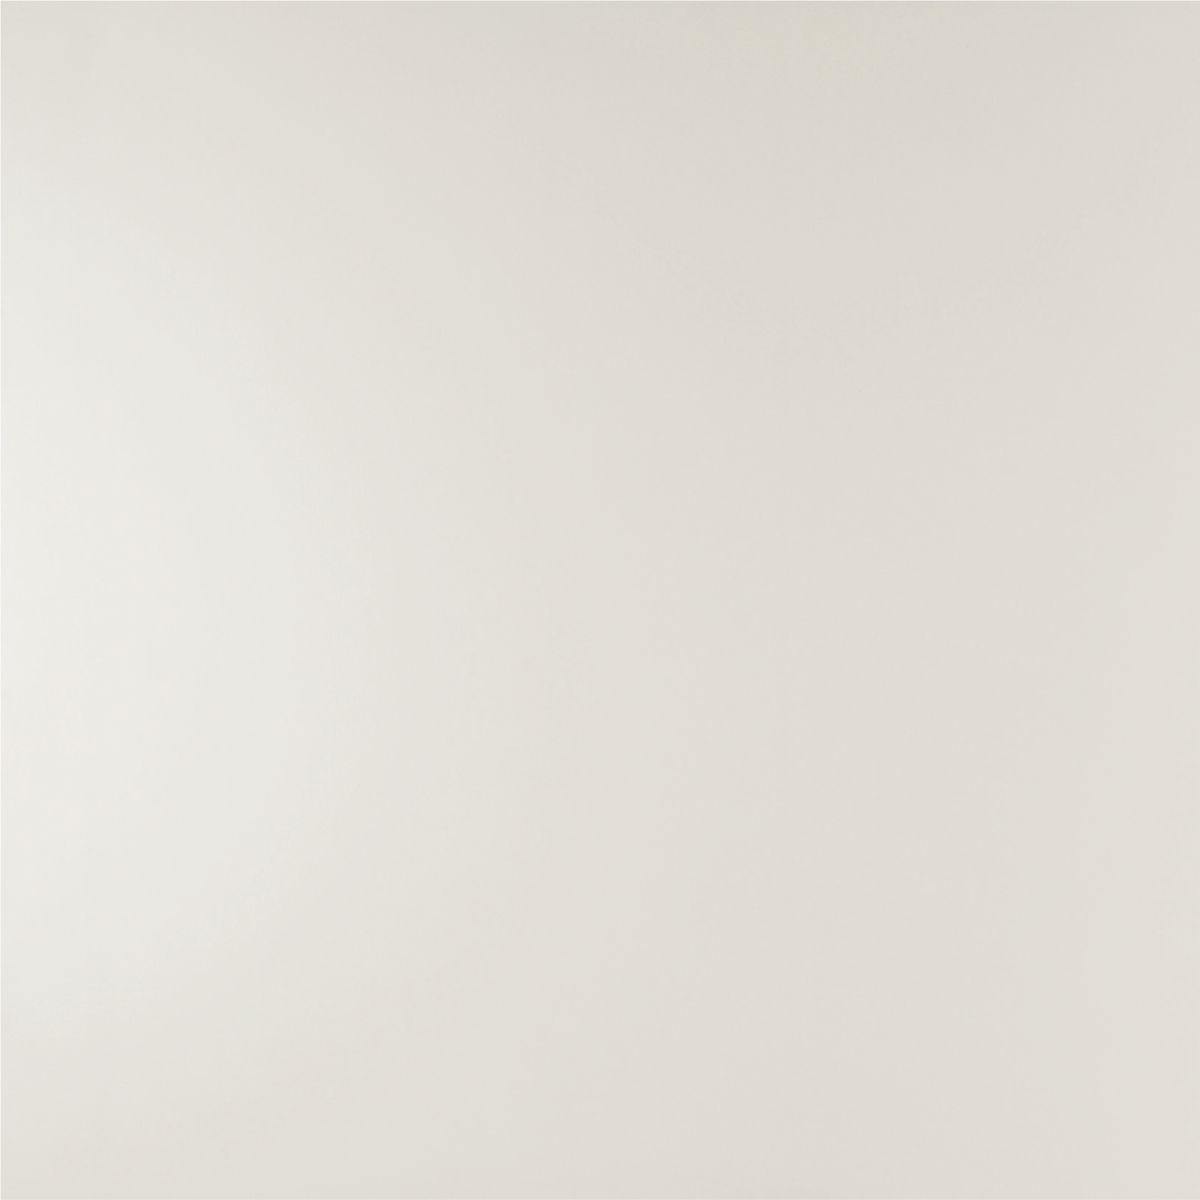 60x60 cm auckland crema